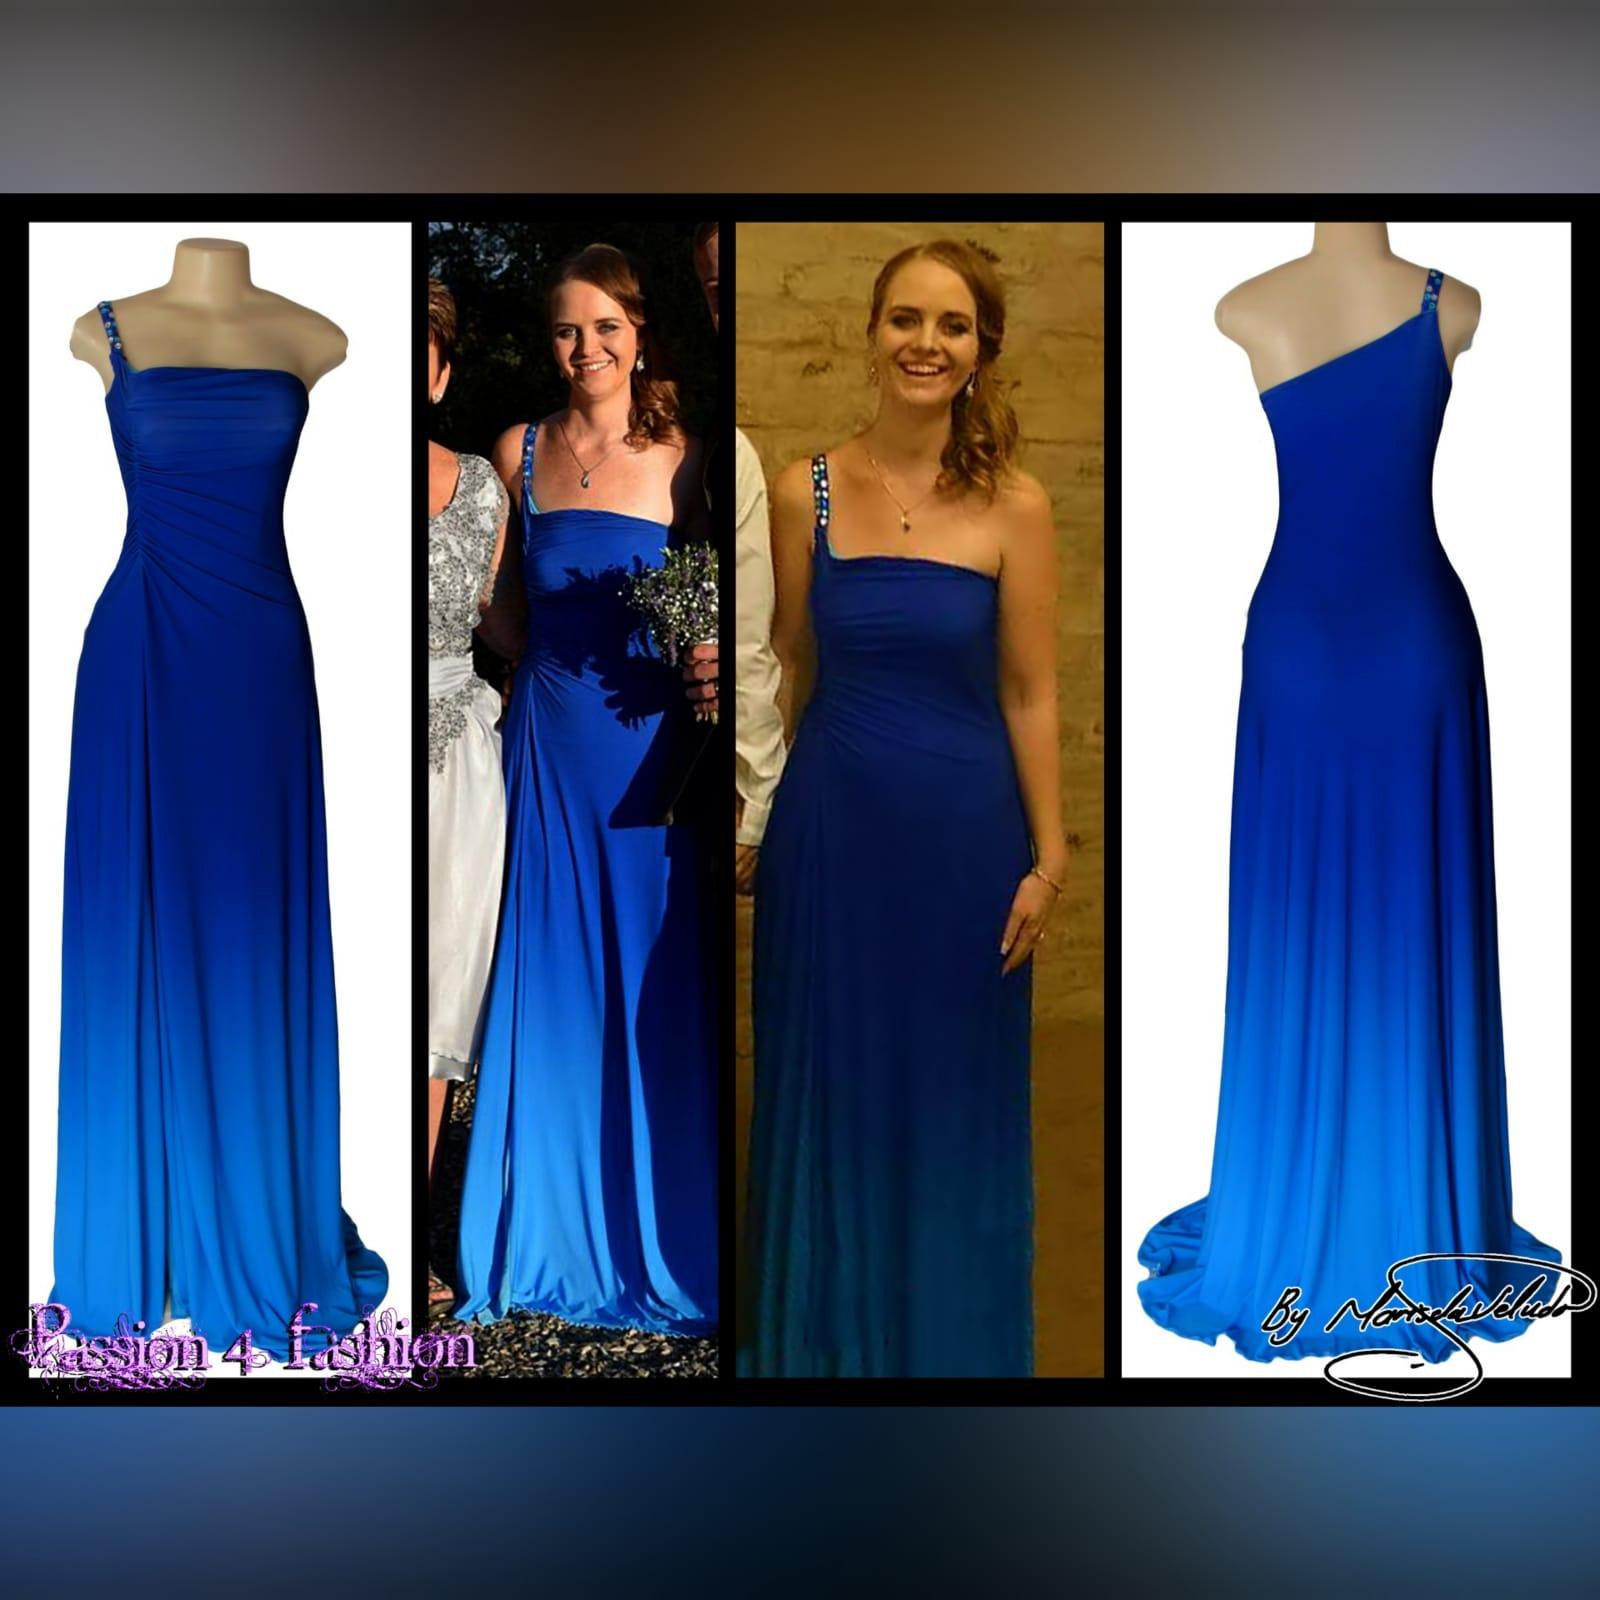 Vestido de dama de honra em sombra de azul 5 vestido de dama de honra em sombra de azul, com um único ombro com talões